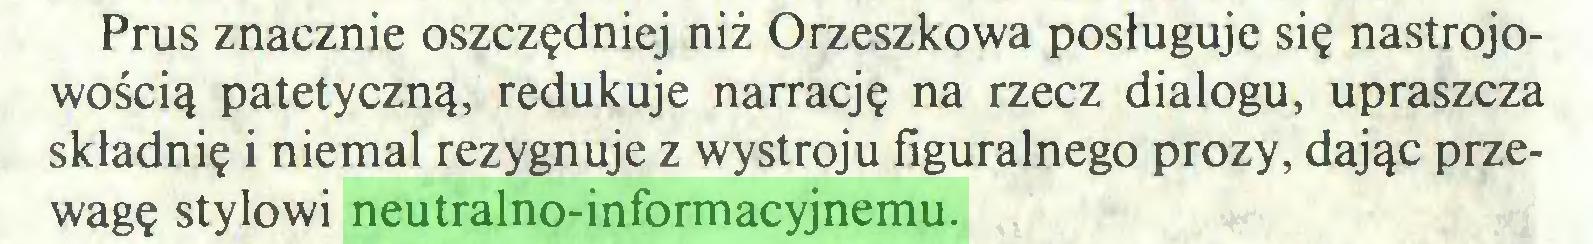 (...) Prus znacznie oszczędniej niż Orzeszkowa posługuje się nastrojowością patetyczną, redukuje narrację na rzecz dialogu, upraszcza składnię i niemal rezygnuje z wystroju figuralnego prozy, dając przewagę stylowi neutralno-informacyjnemu...